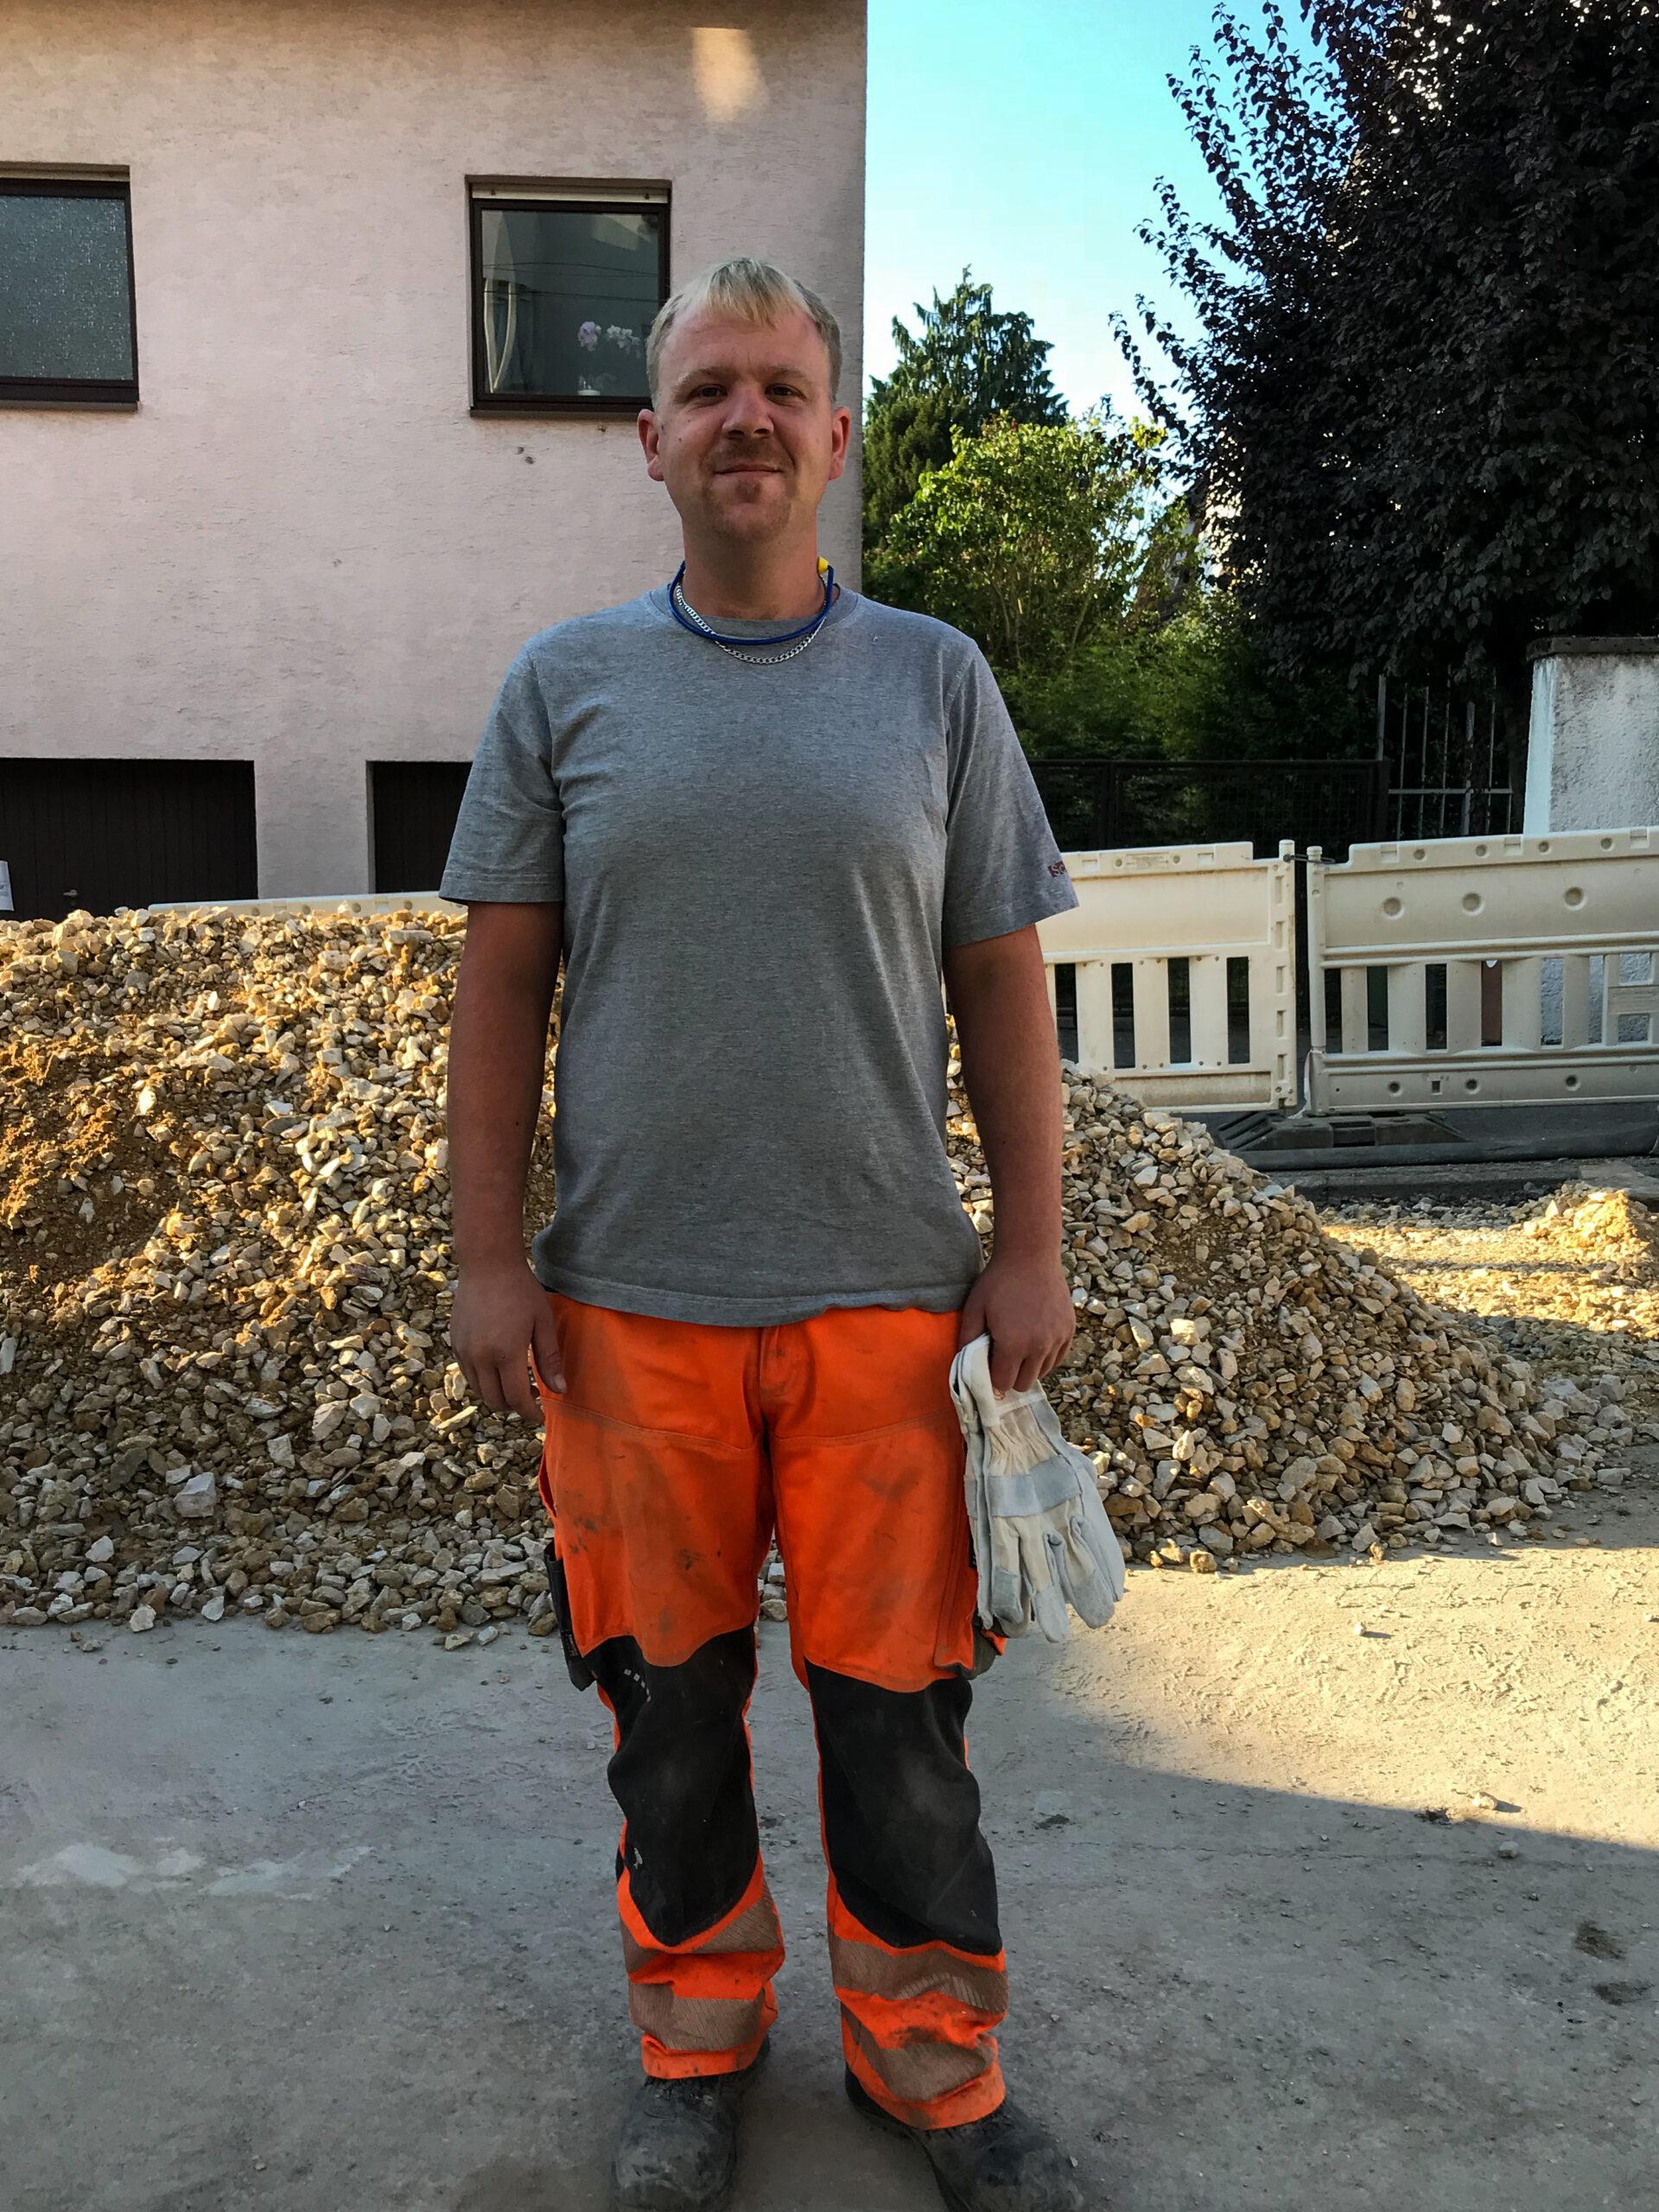 Andreas Denzinger, Straßenbauarbeiter